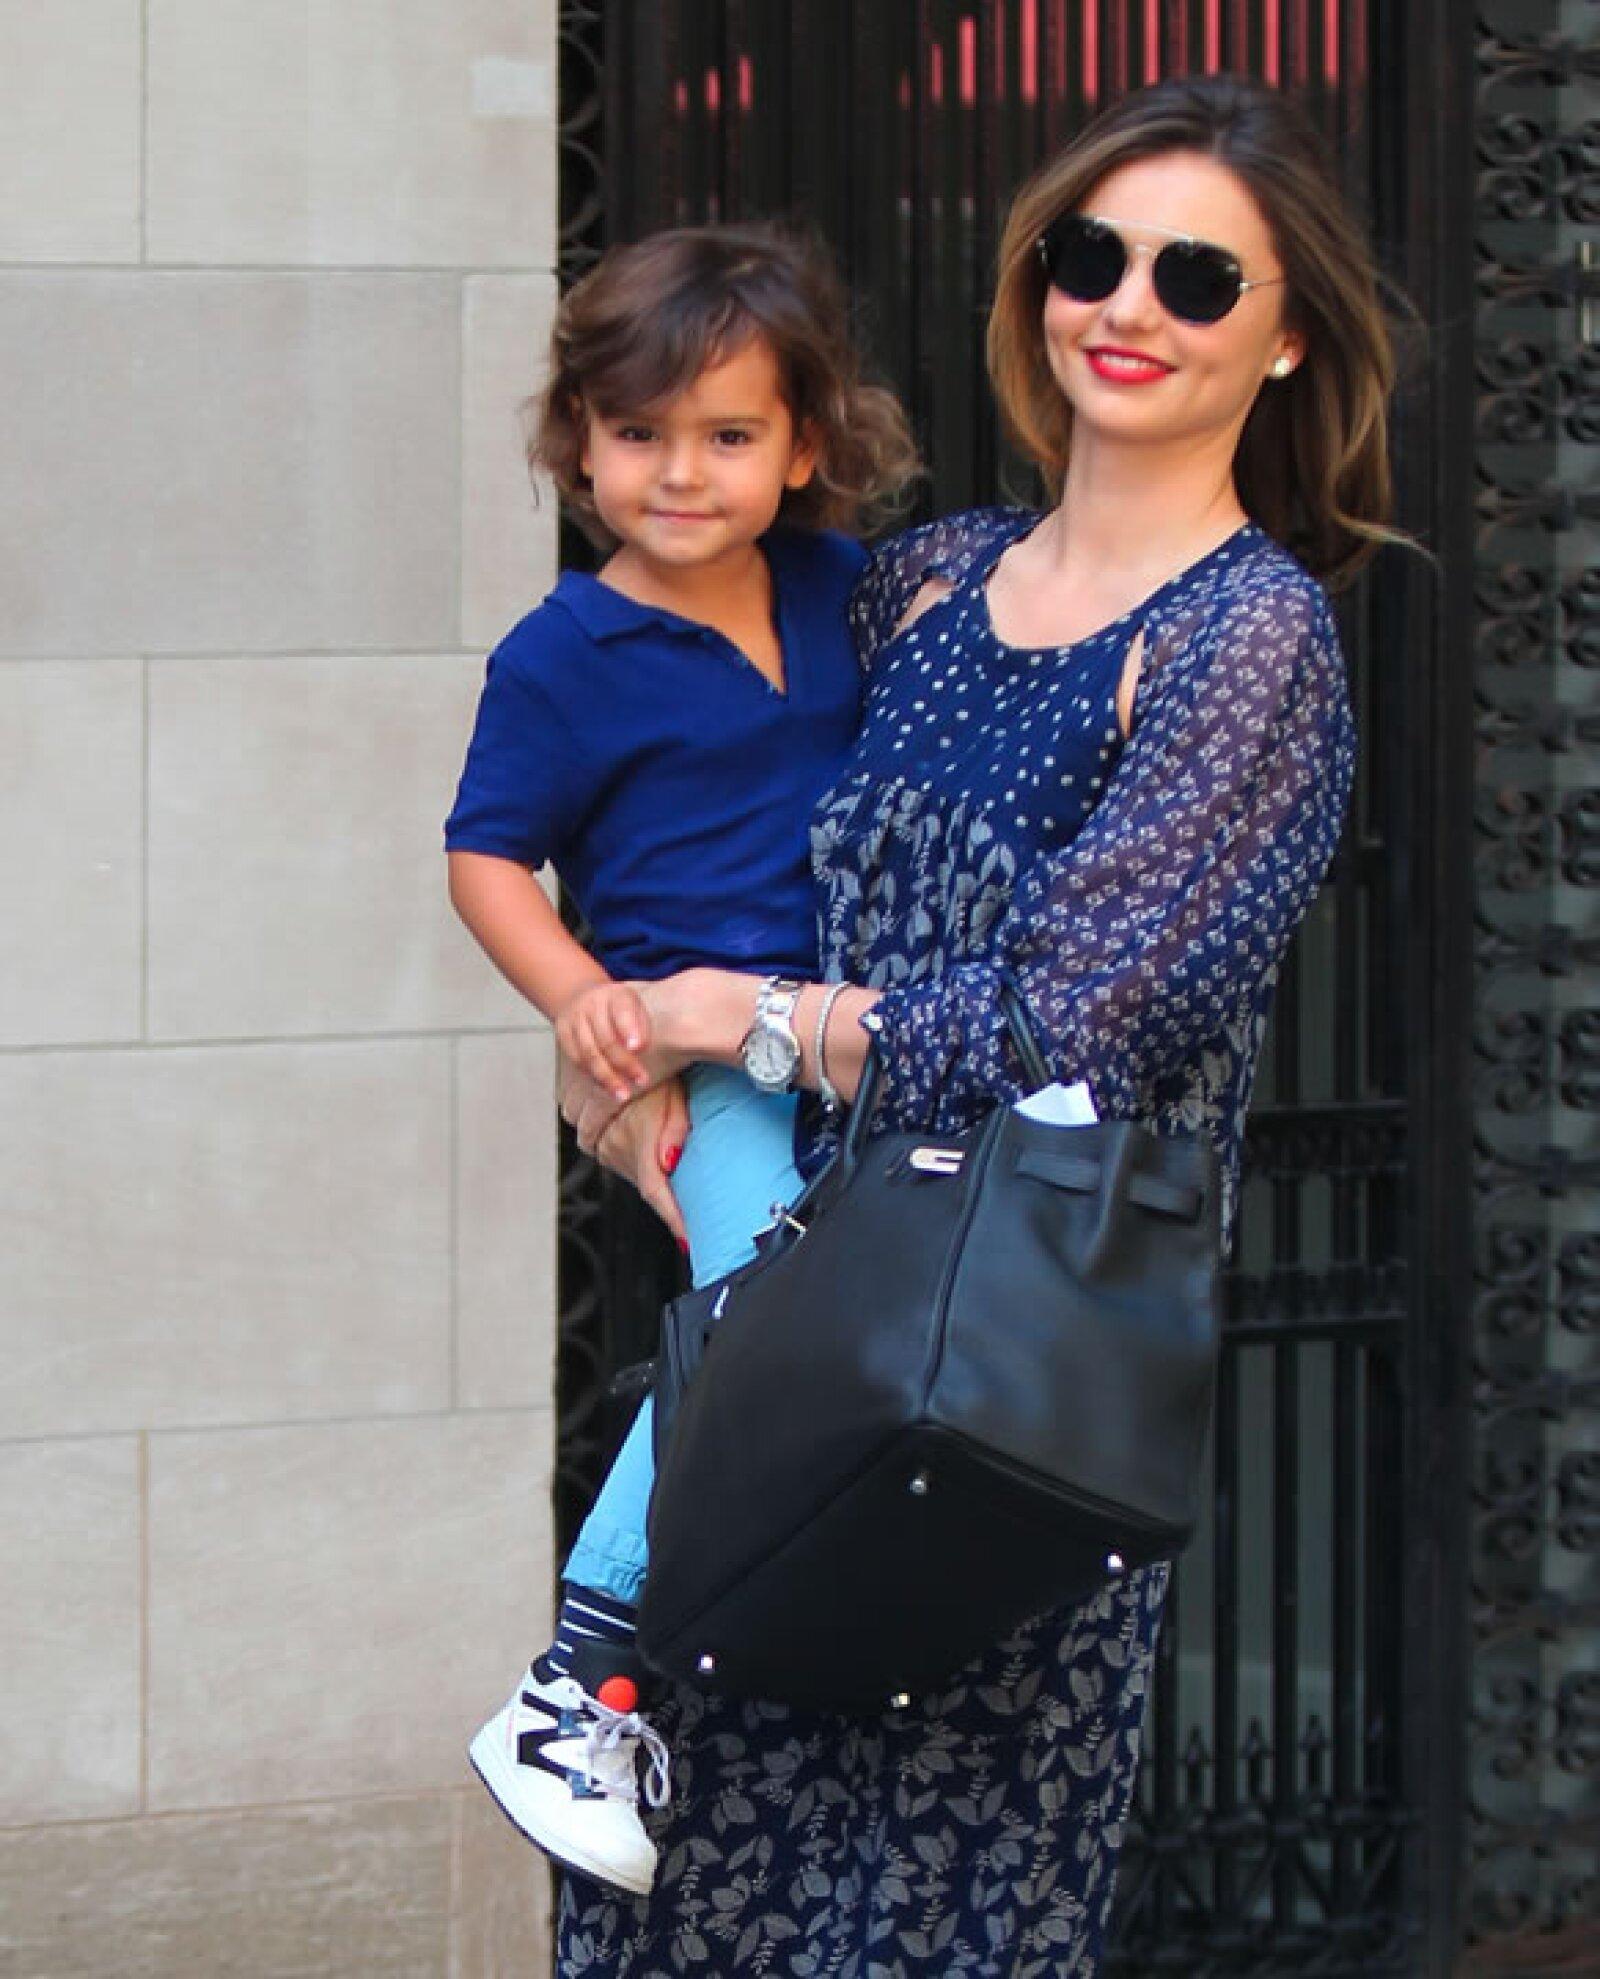 La gentética de Flynn Bloom es incomparable. Nos encantan los outfits que escoje la modelo para su hijo.